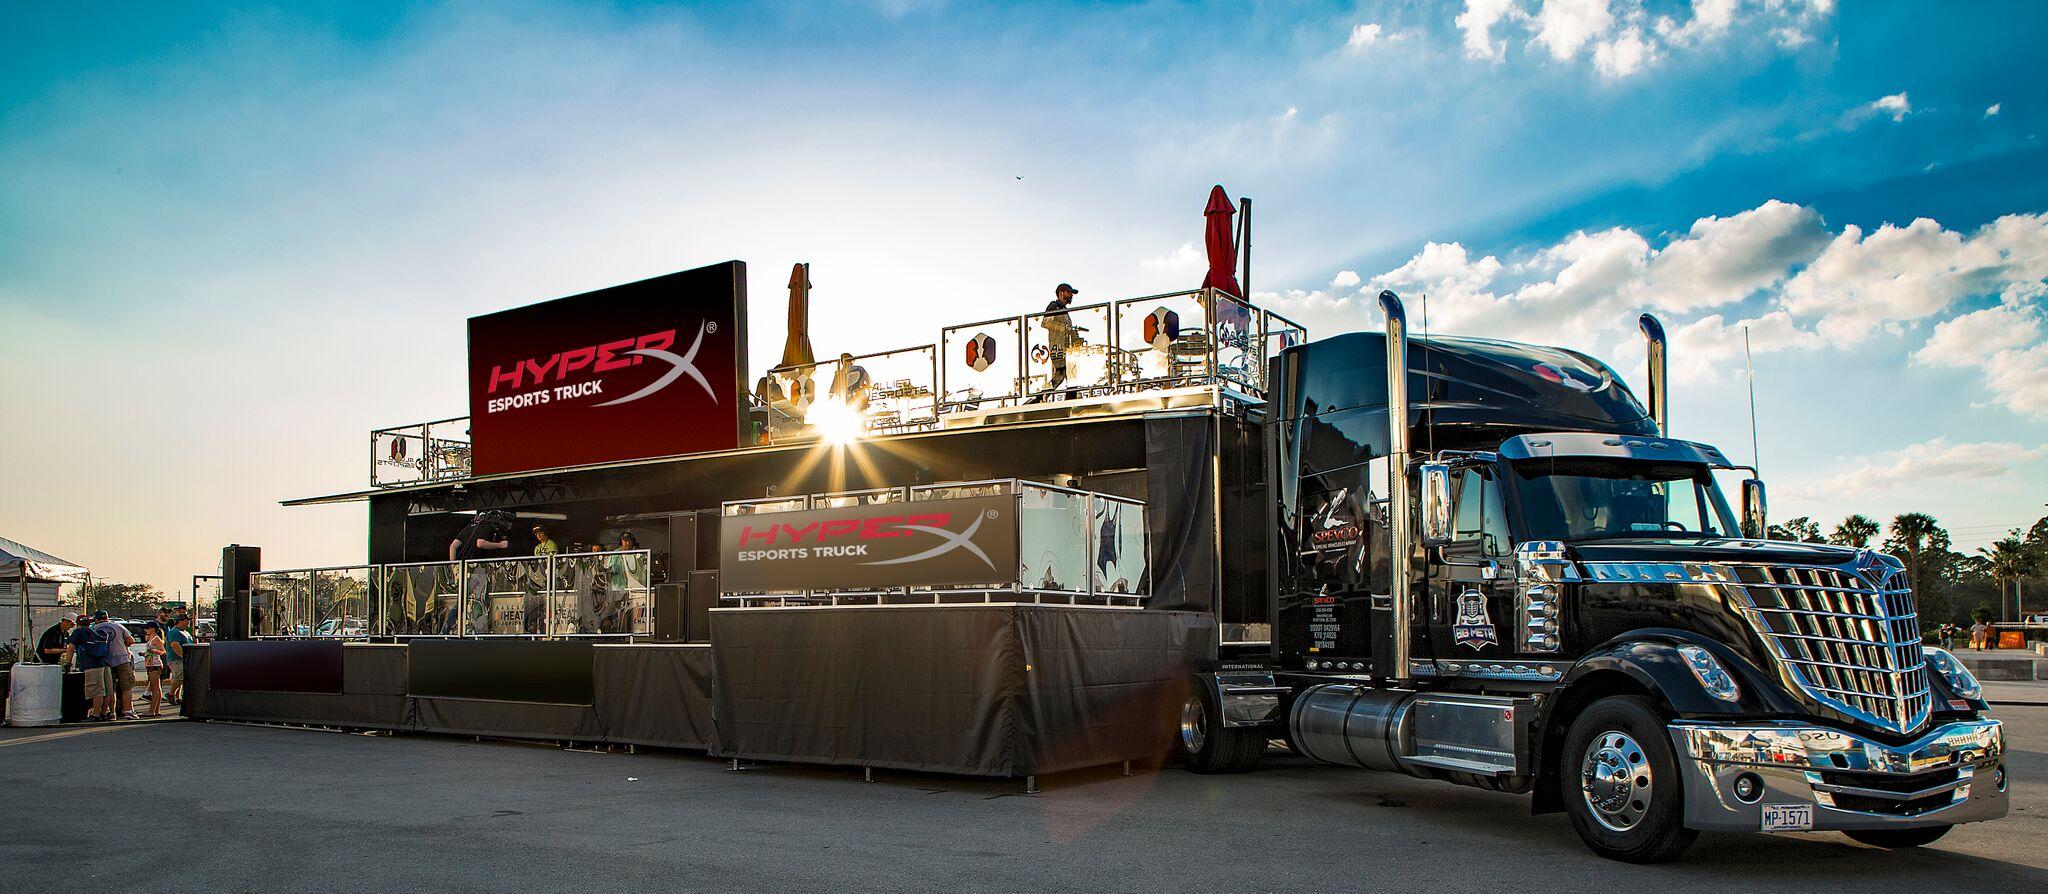 Los derechos de nombre de HyperX Esports Truck se dieron a conocer a tiempo para el CES 2019